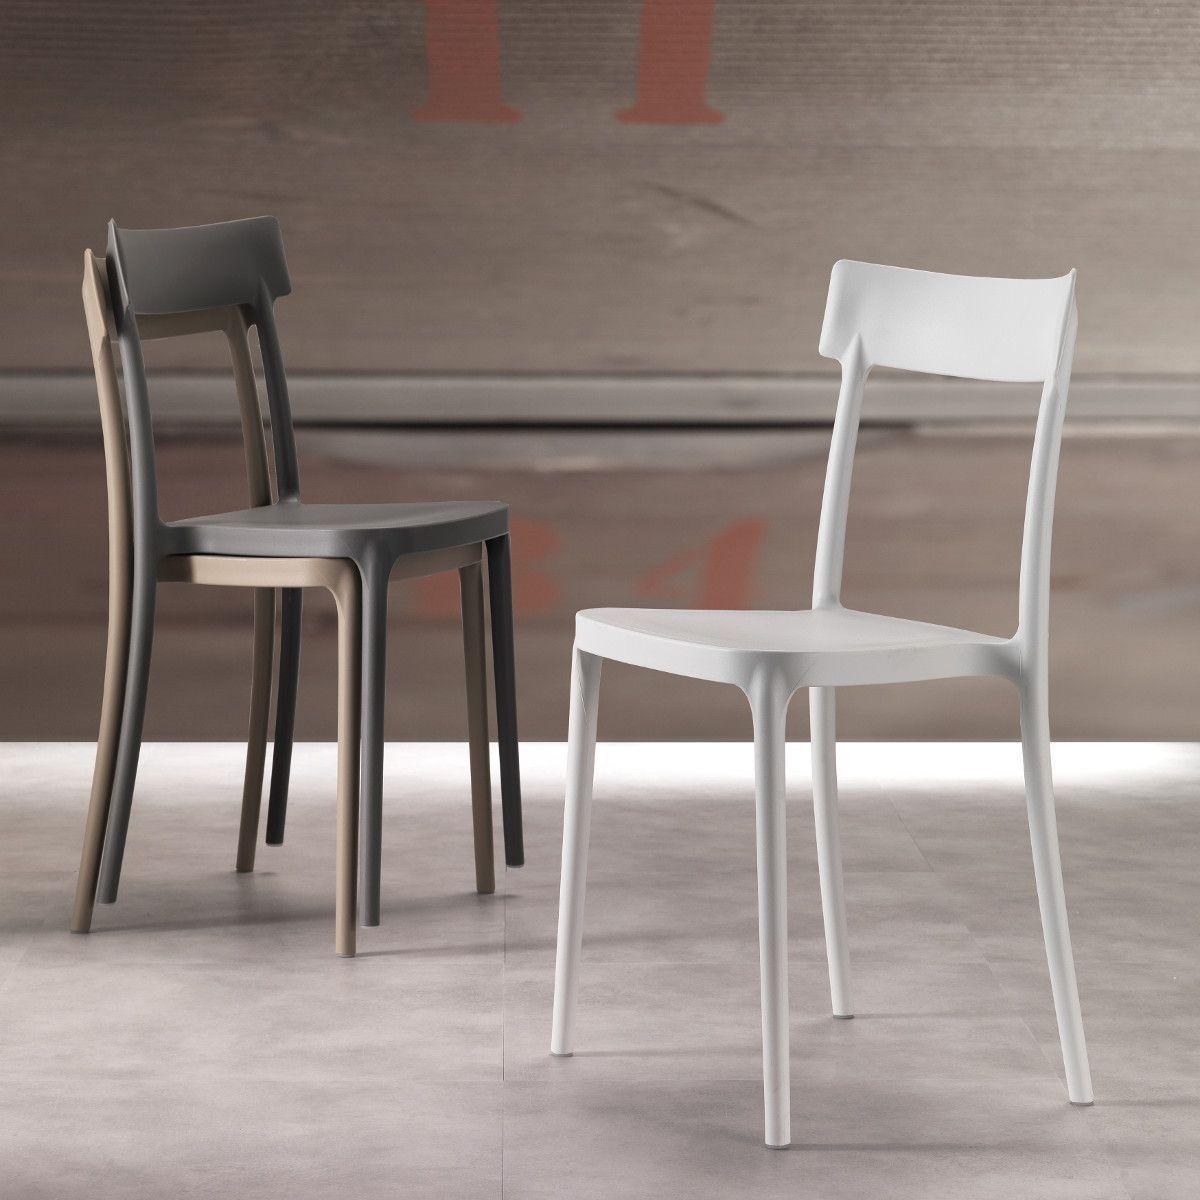 Sedie Stile Moderno.Sedia In Polipropilene Moderna Angelita Angelita E La Sedia